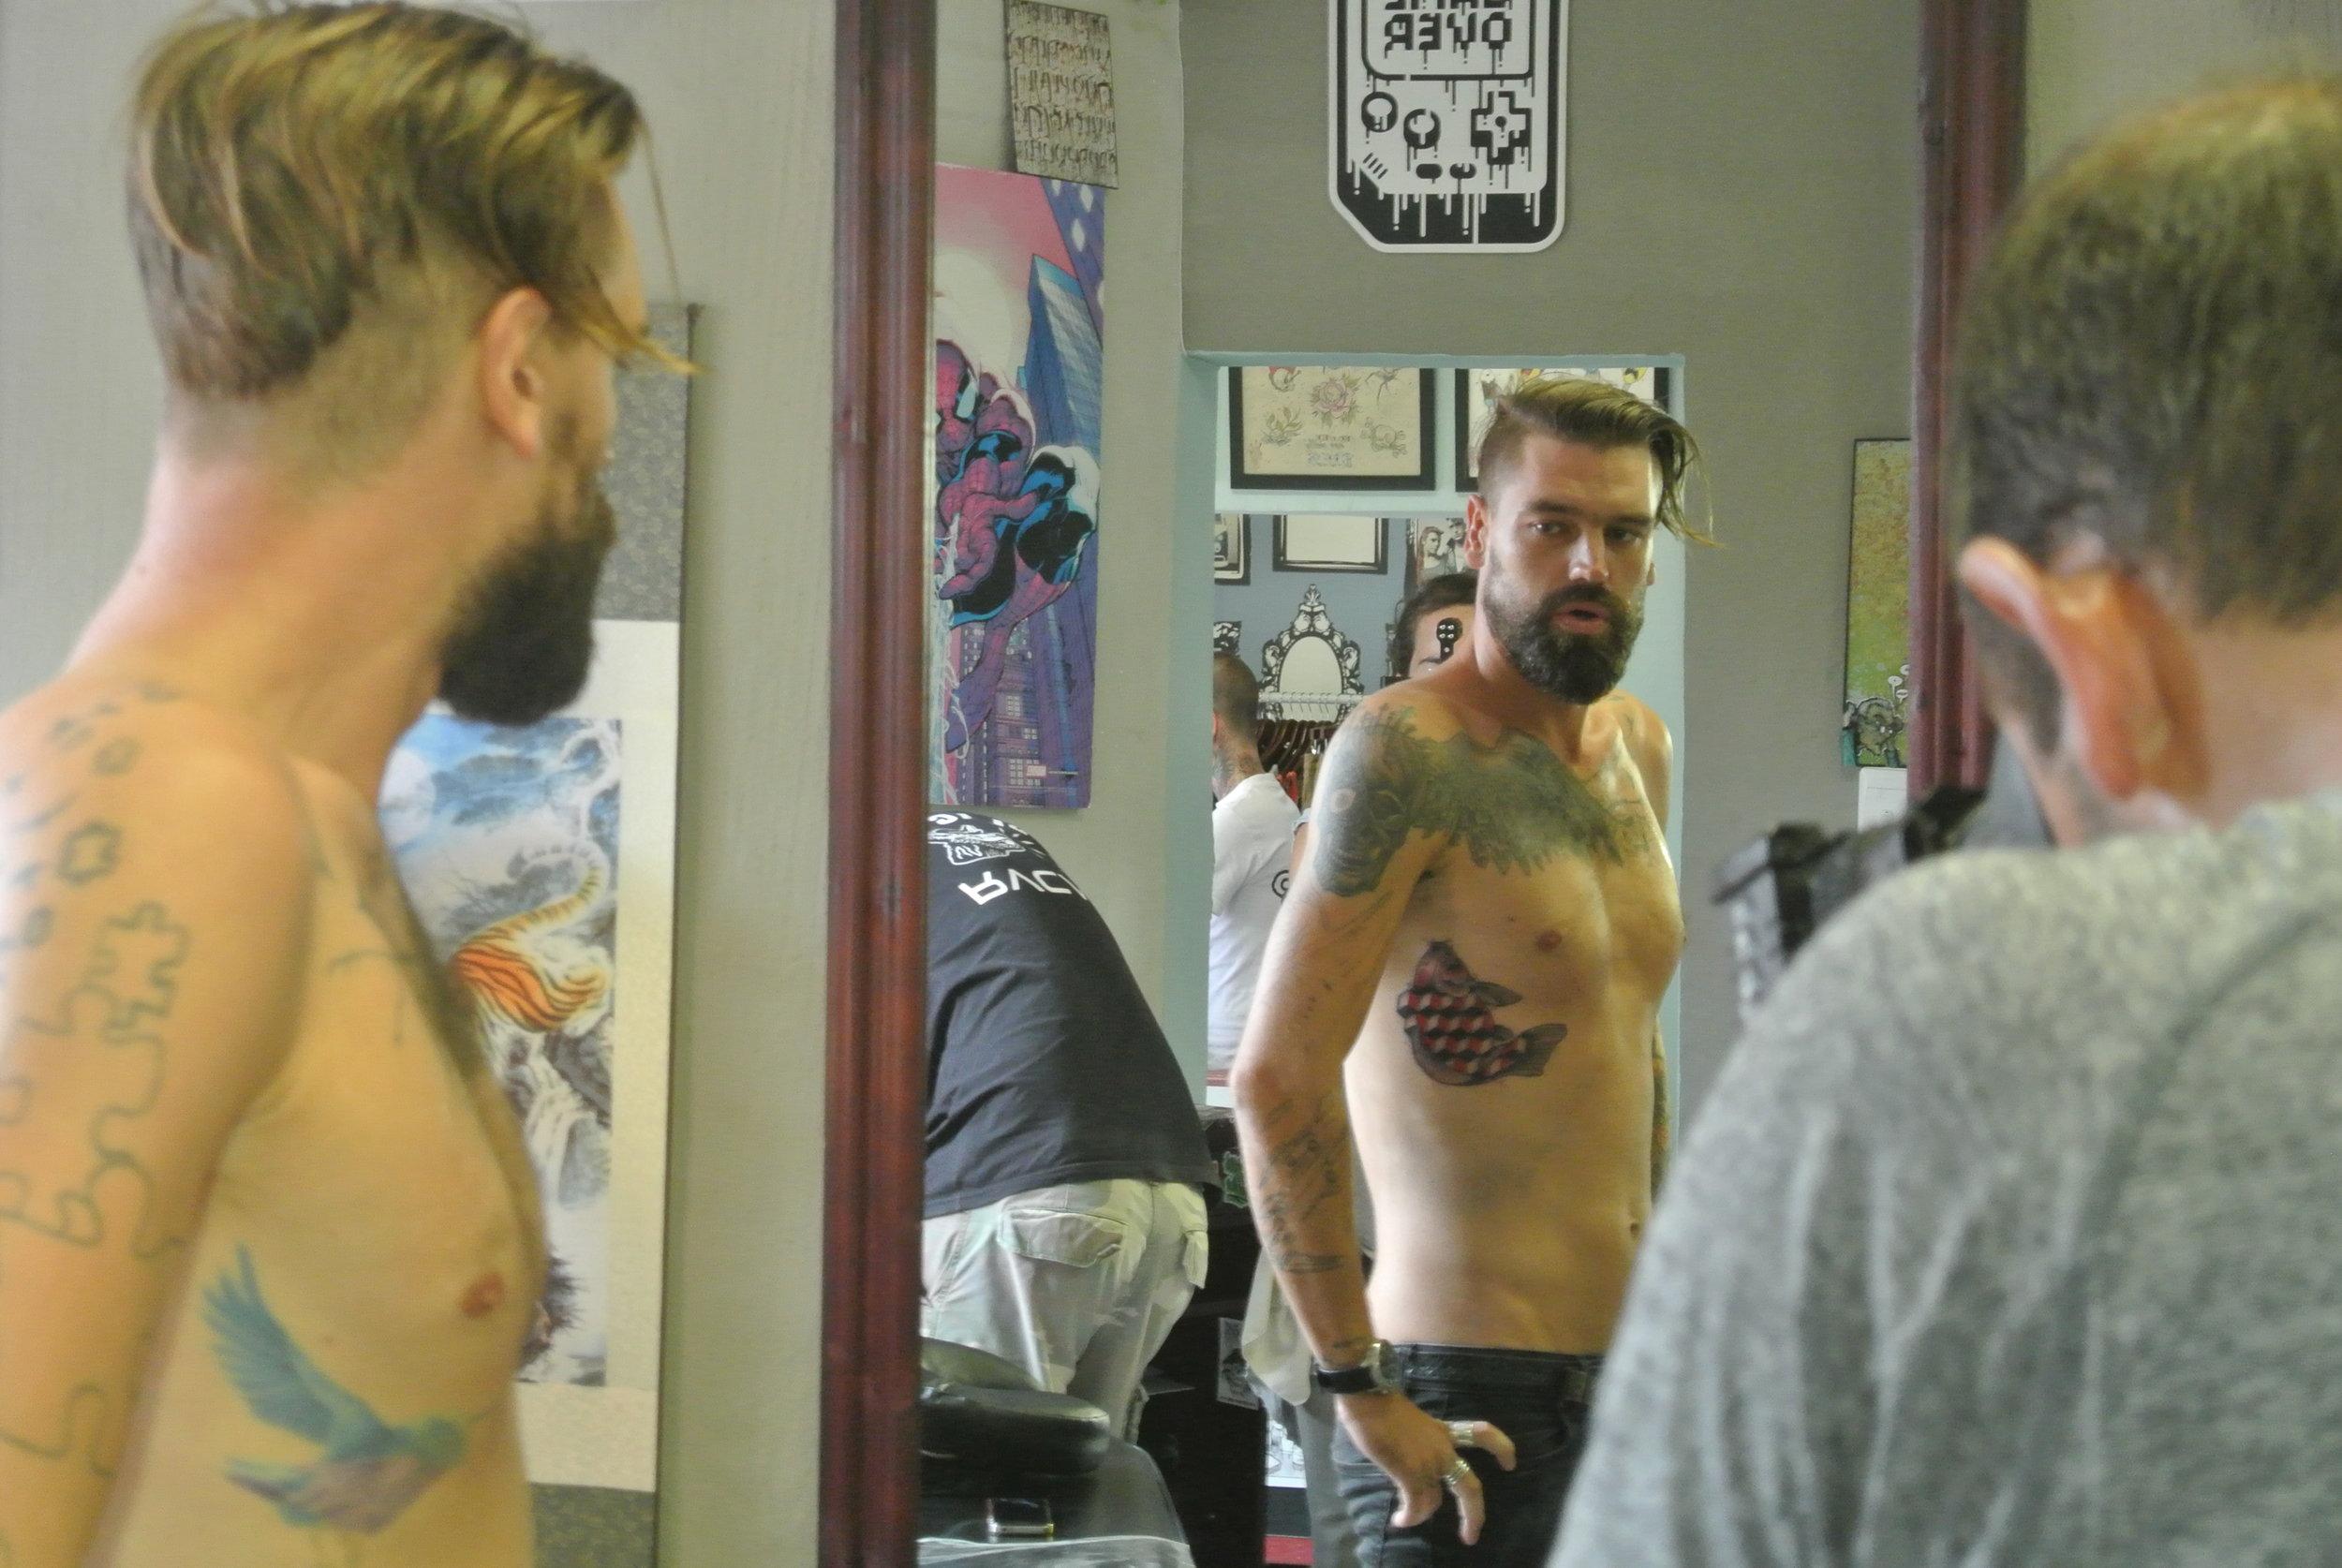 Brett after getting a tattoo from Dok.JPG